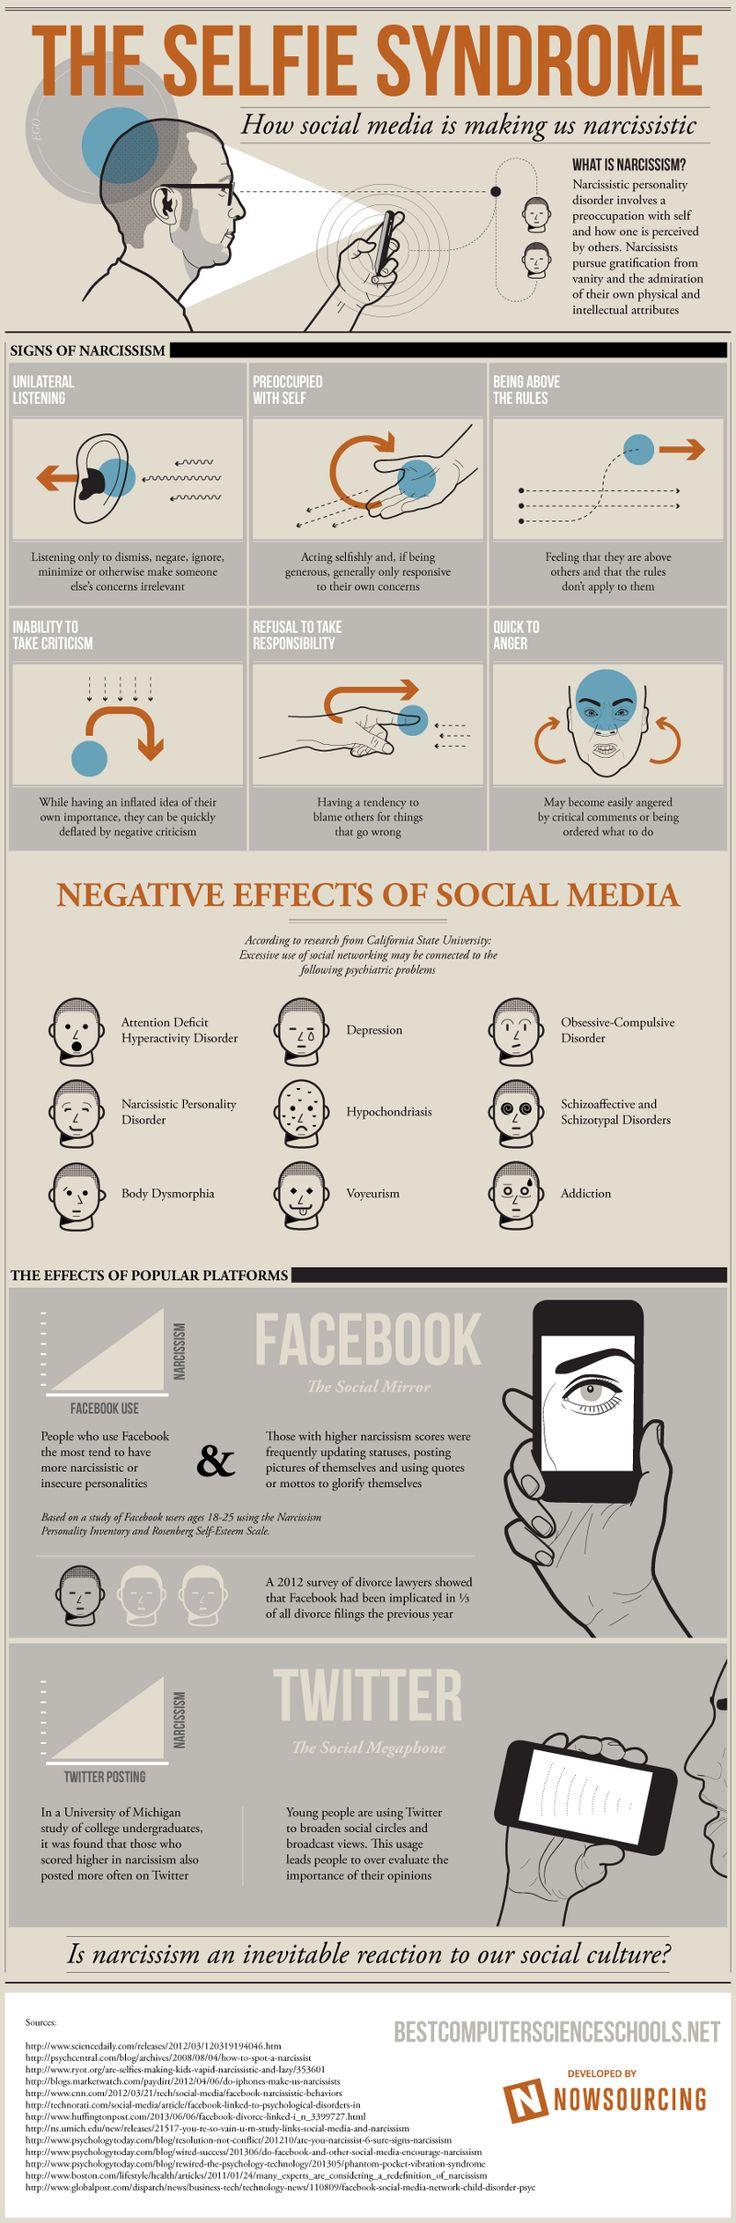 social-media-make-us-narcissistic